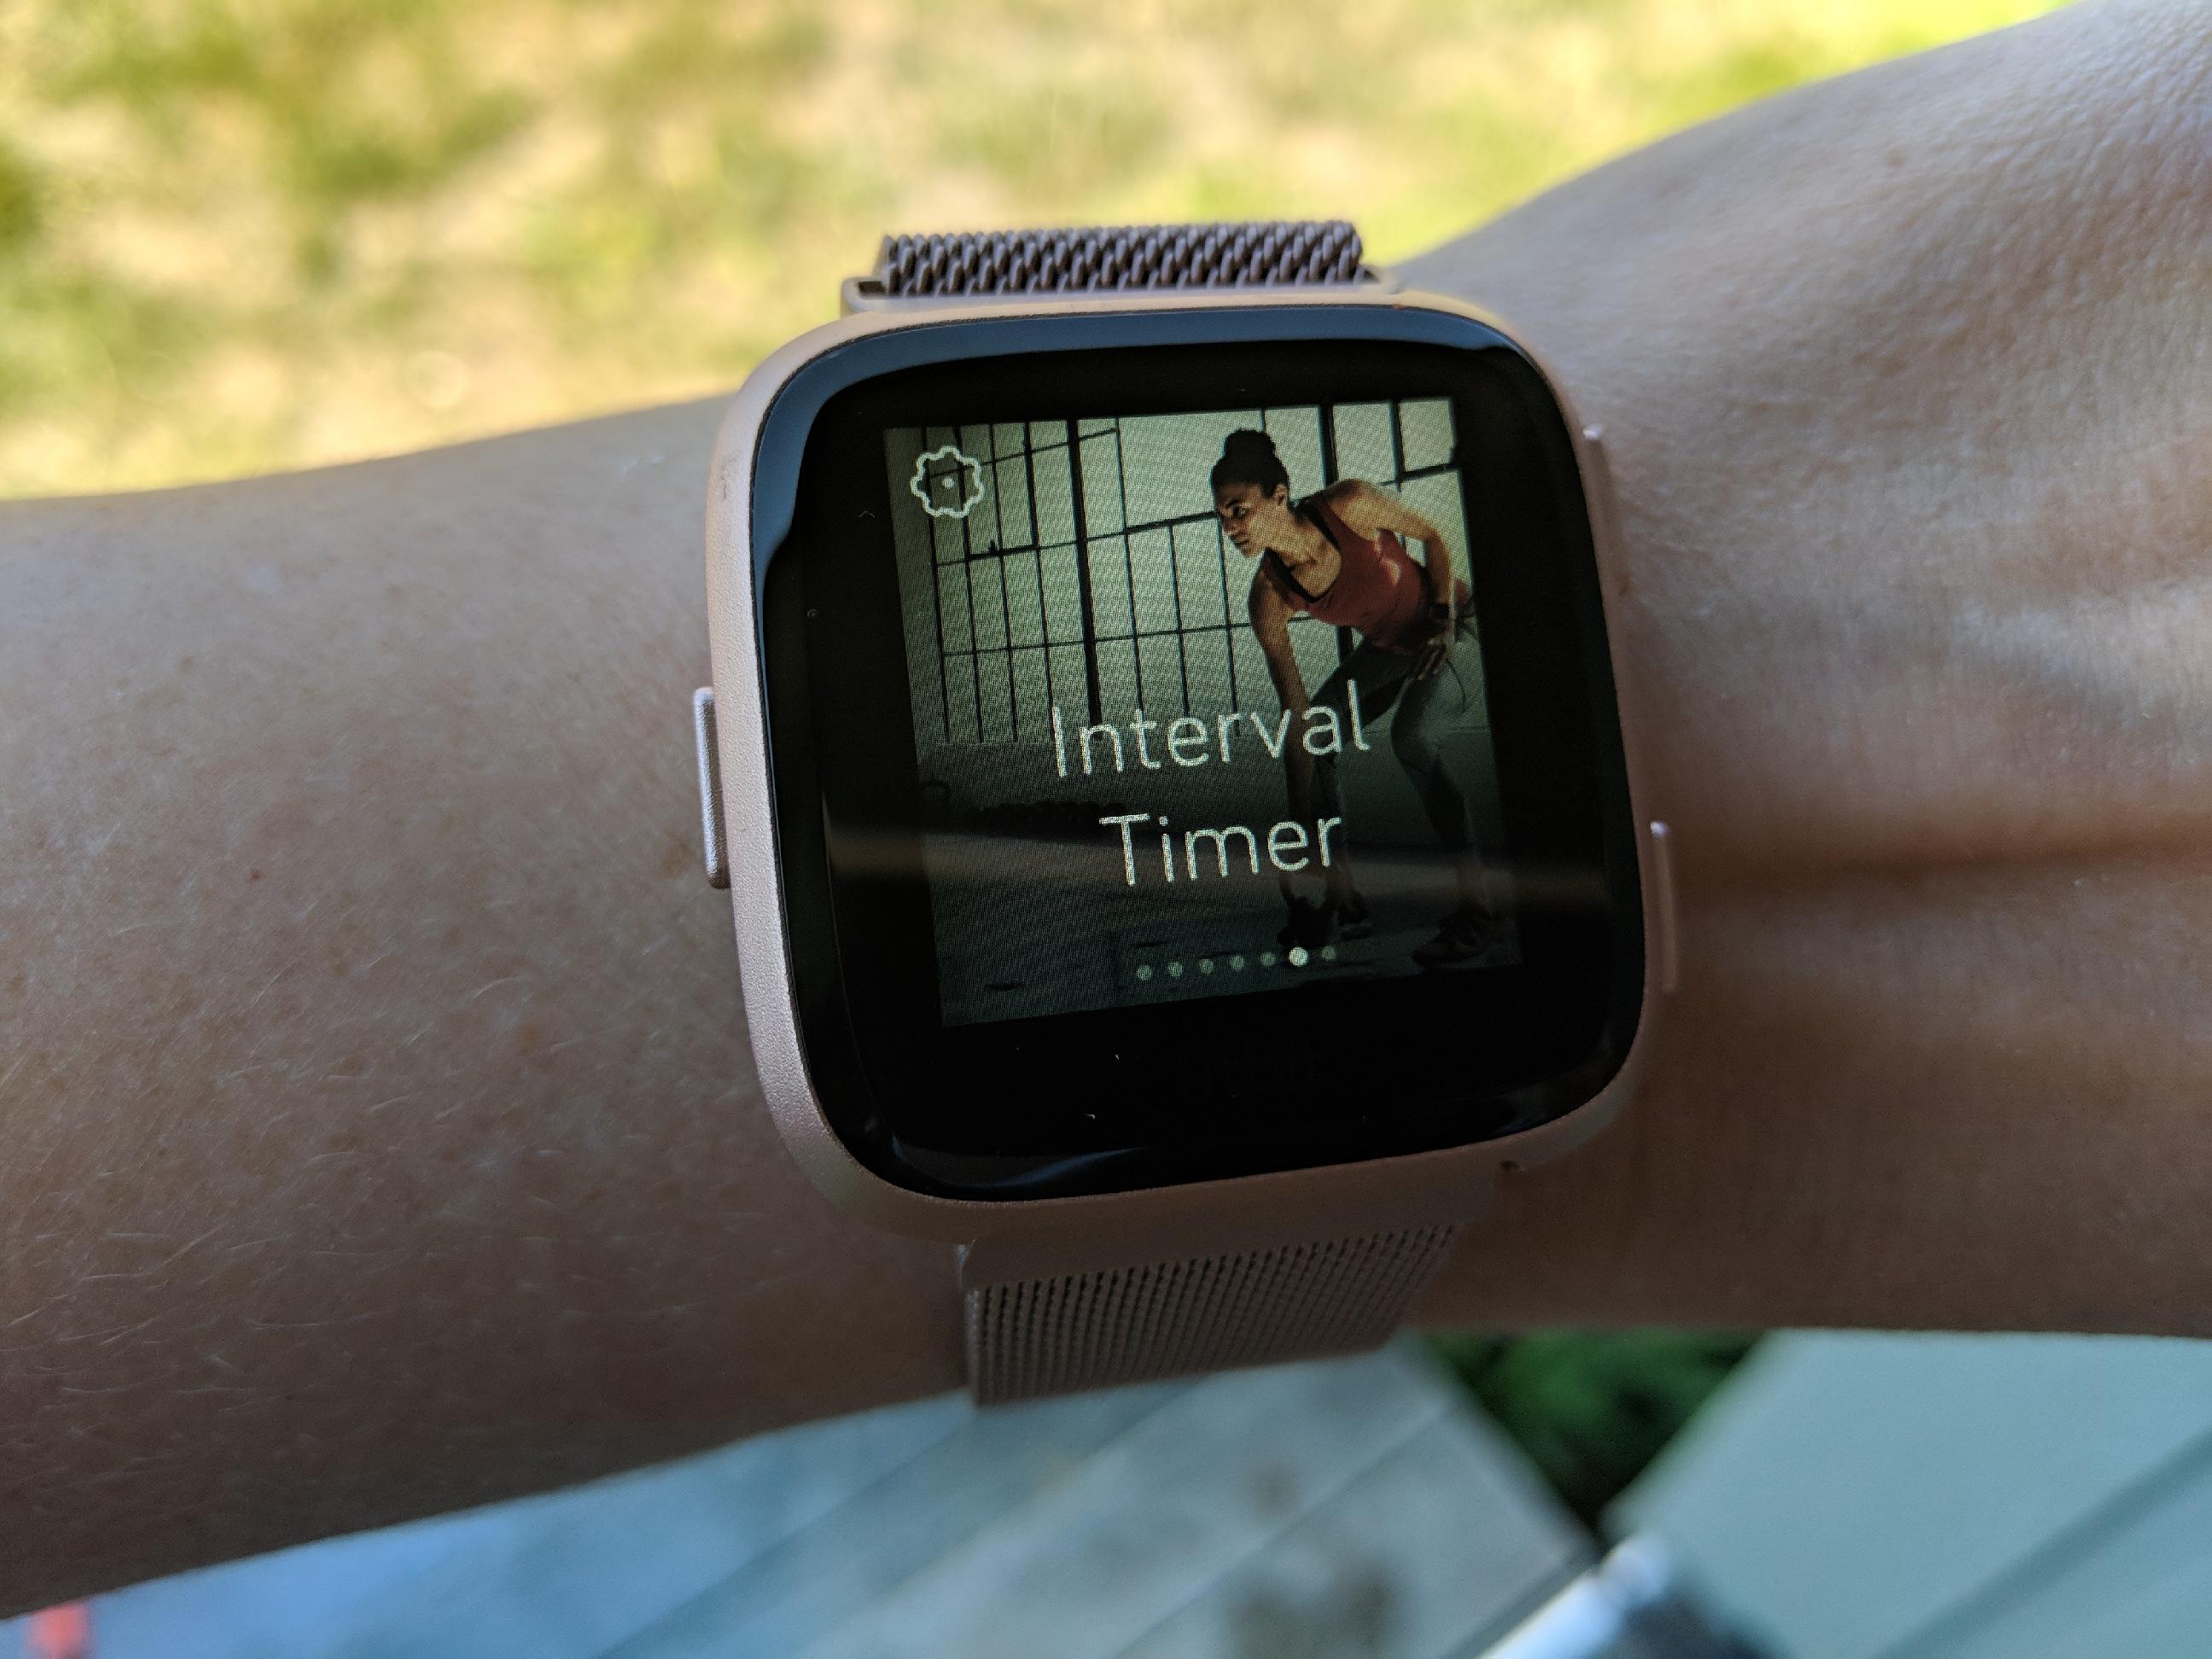 apple watch or fitbit versa? - Fitbit versa interval trainer